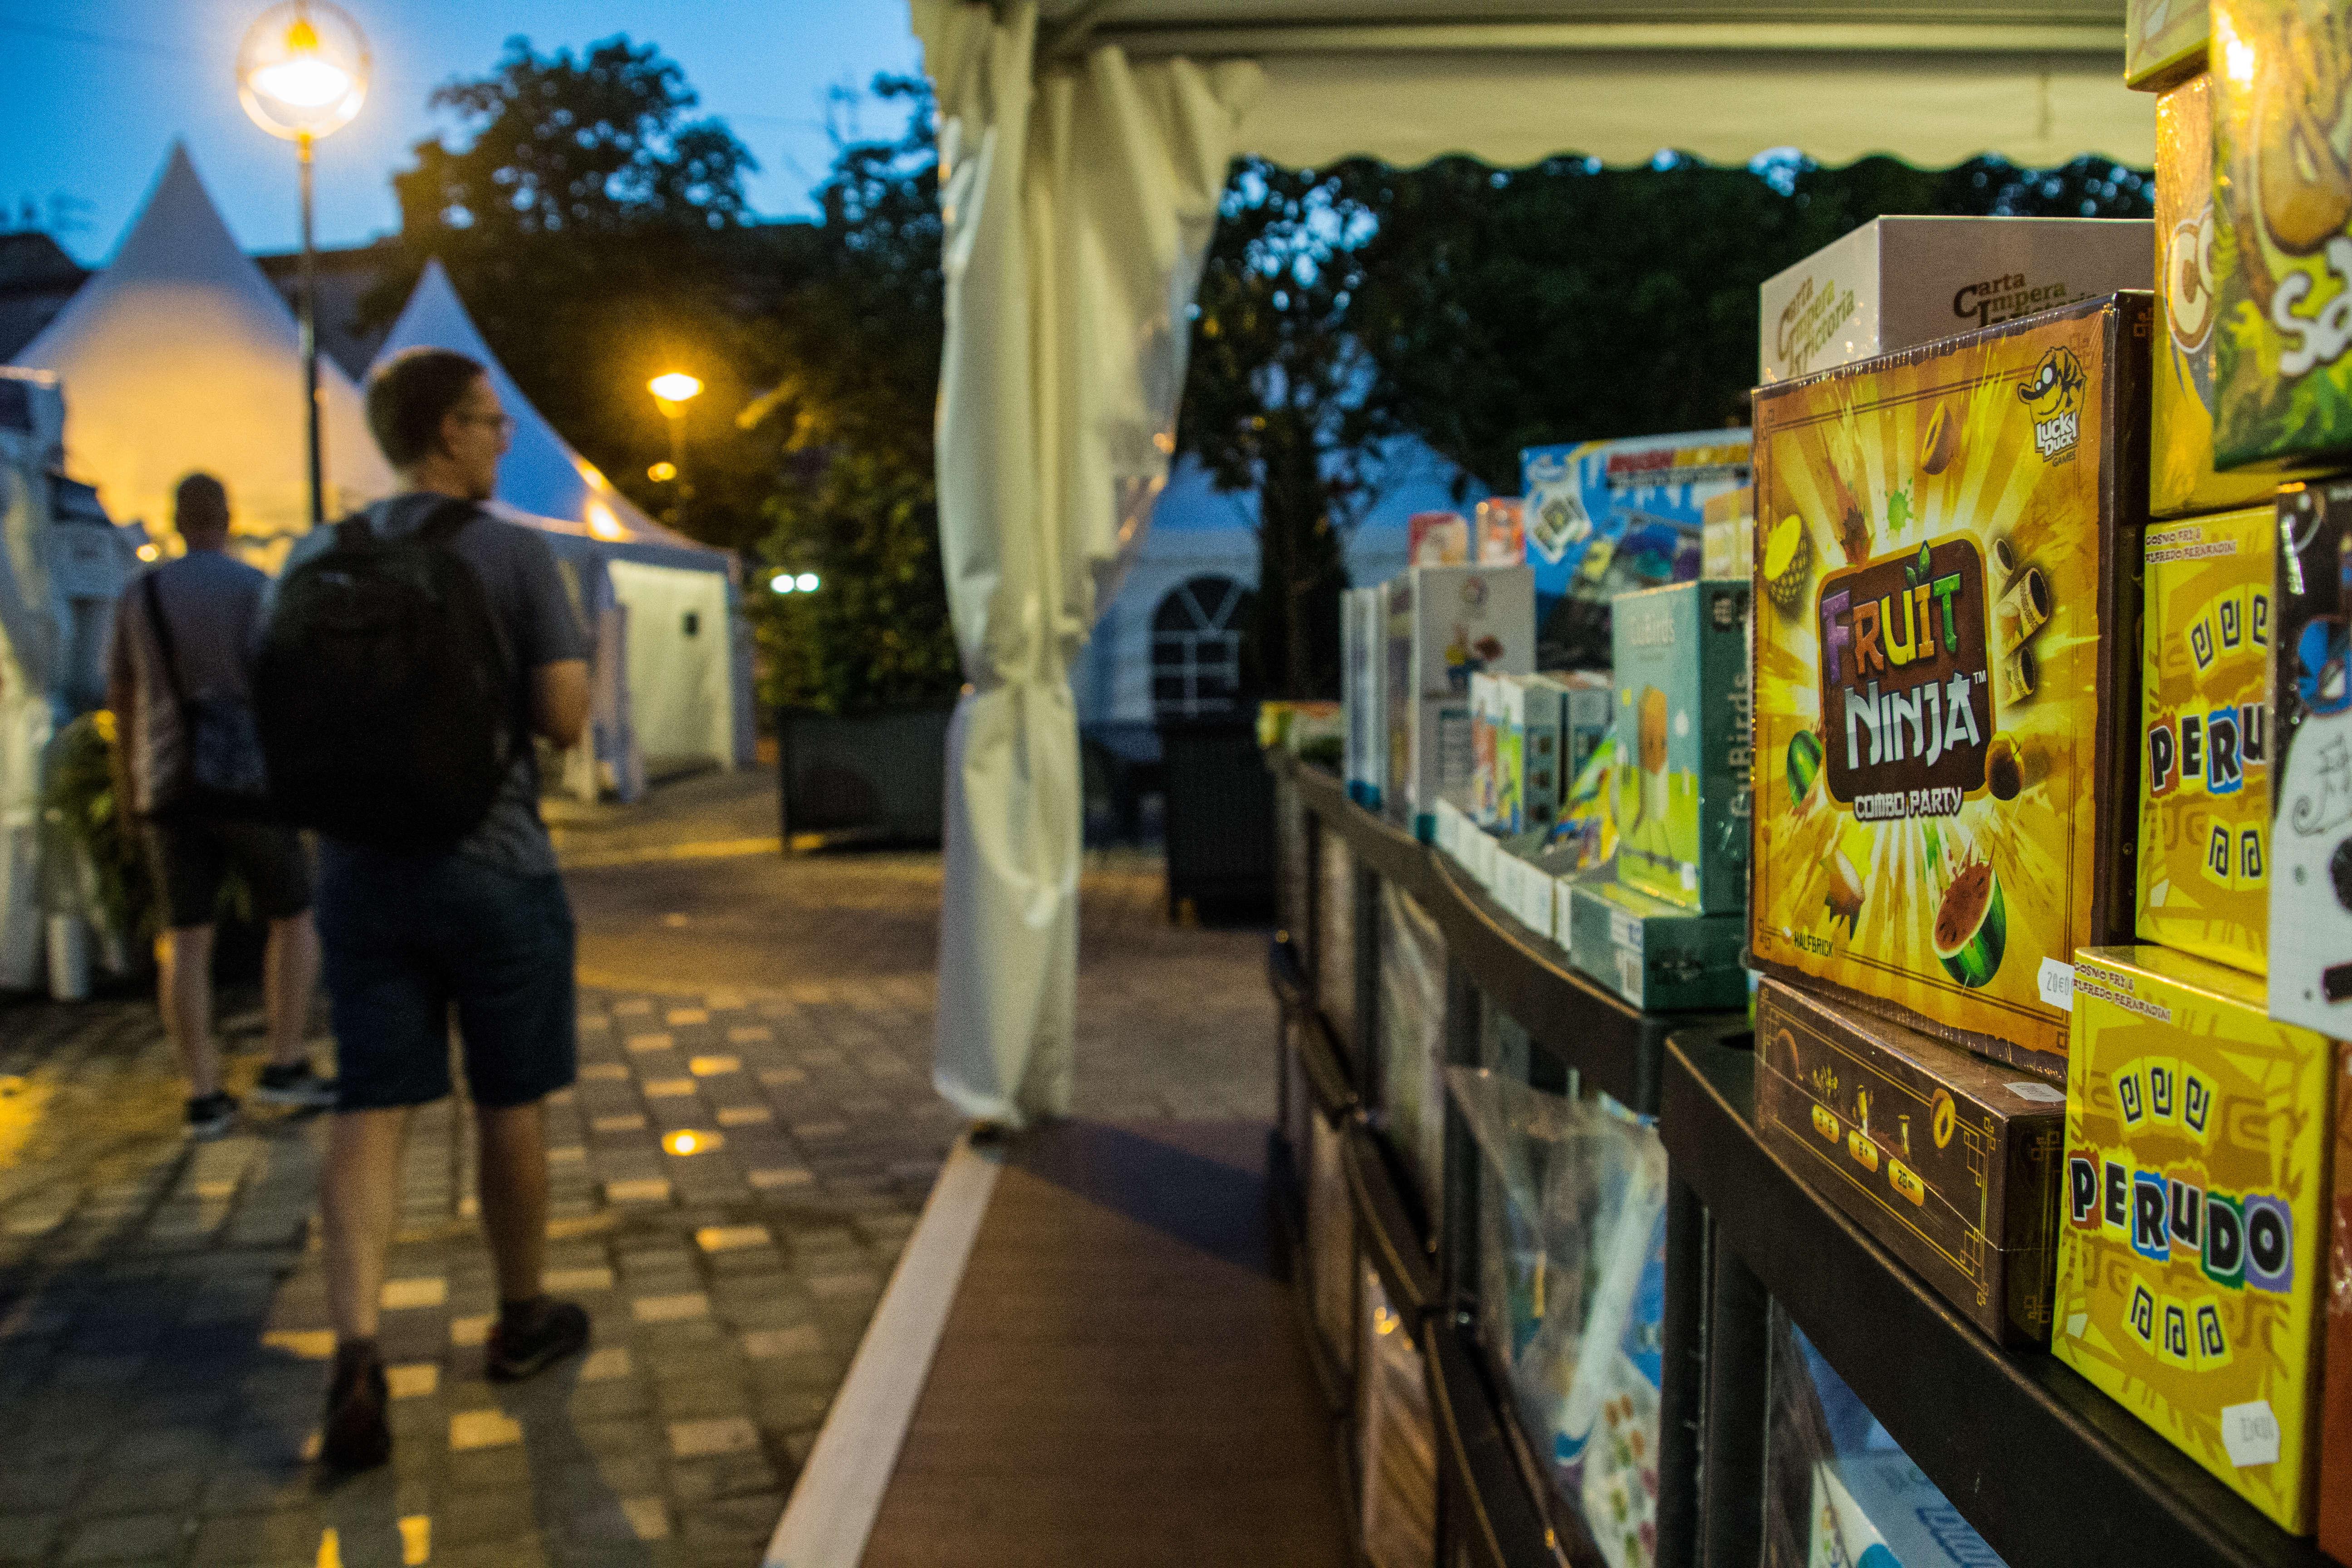 Quand la nuit tombe sur Parthenay, les festivaliers peuvent profiter d'événements et de tournois supplémentaires. Trois nocturnes sont également organisées pendant le festival.